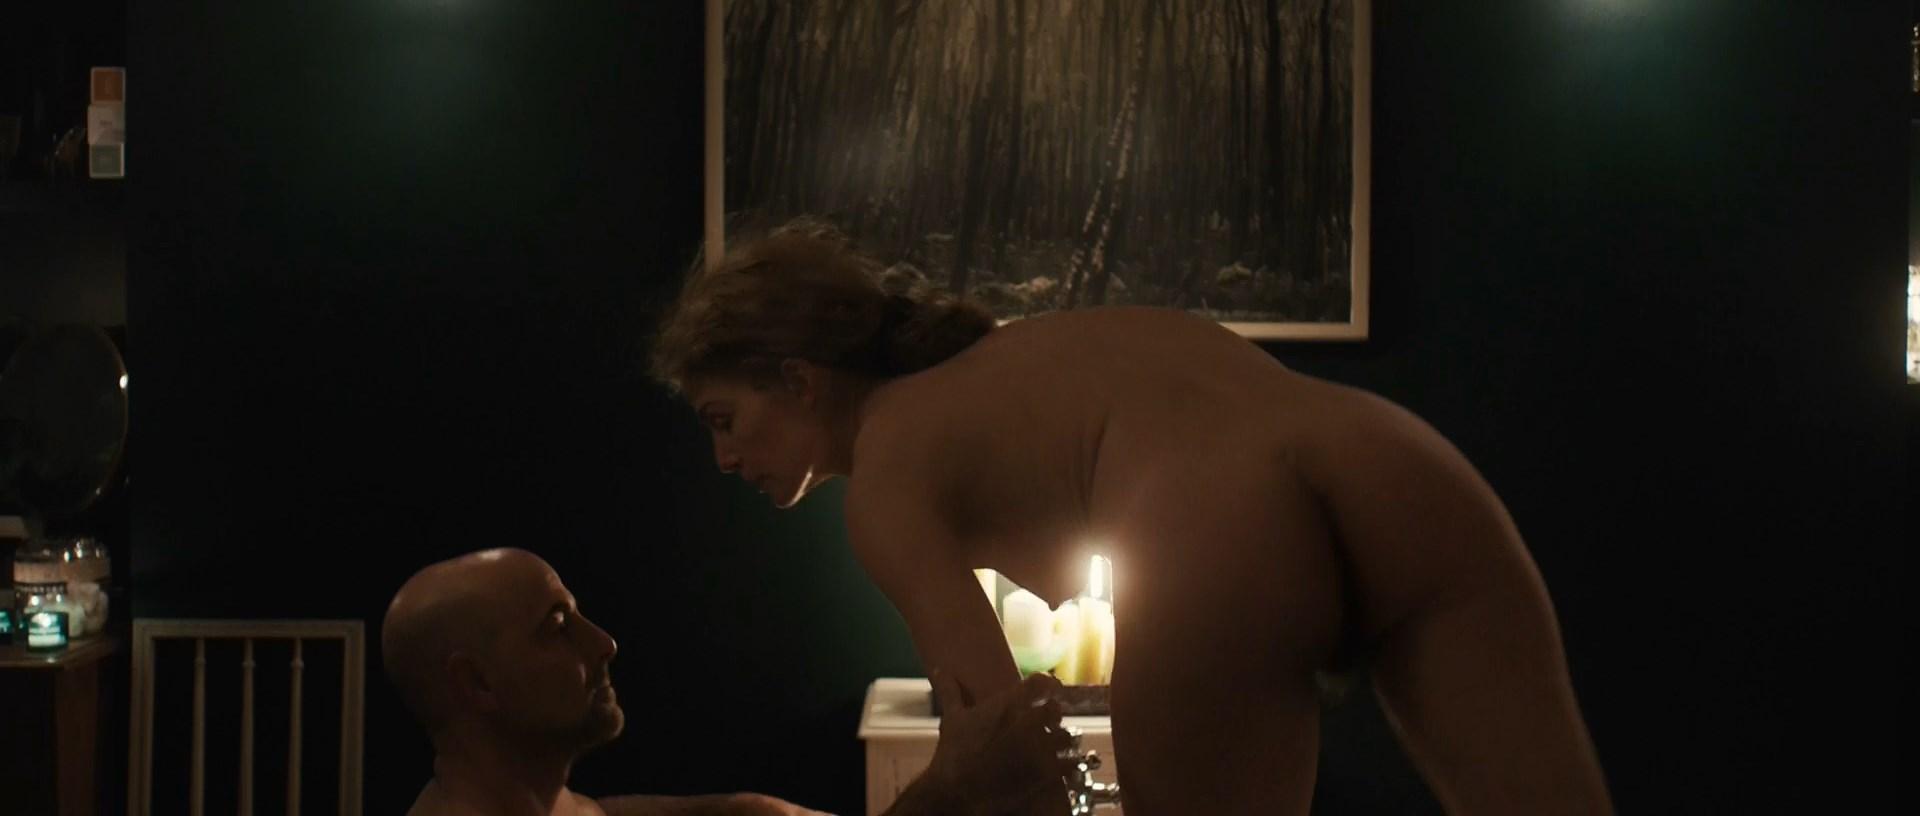 Rosamund Pike nude - A Private War (2018)